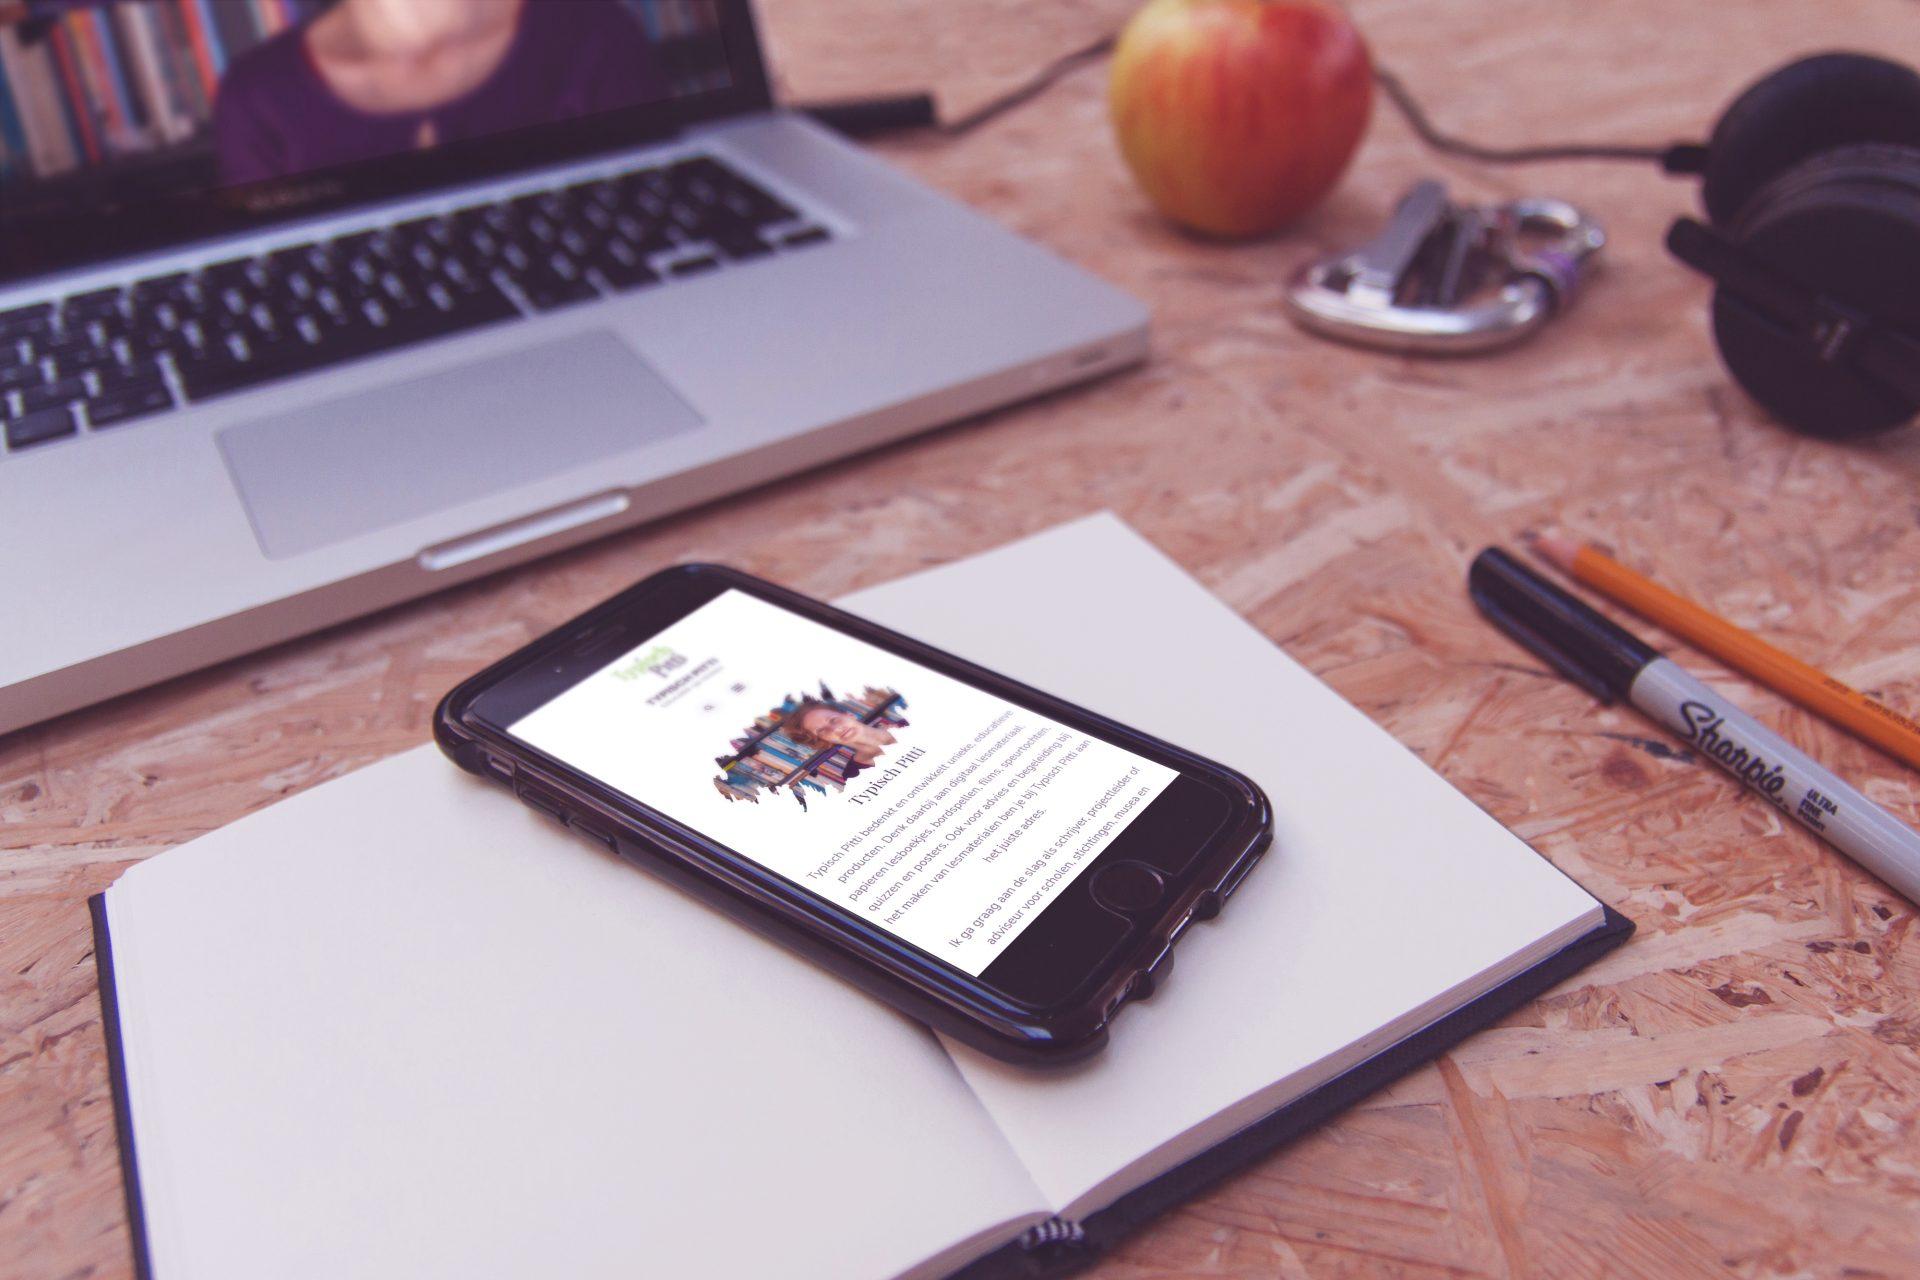 De Typisch Pitti website op een mobieltje